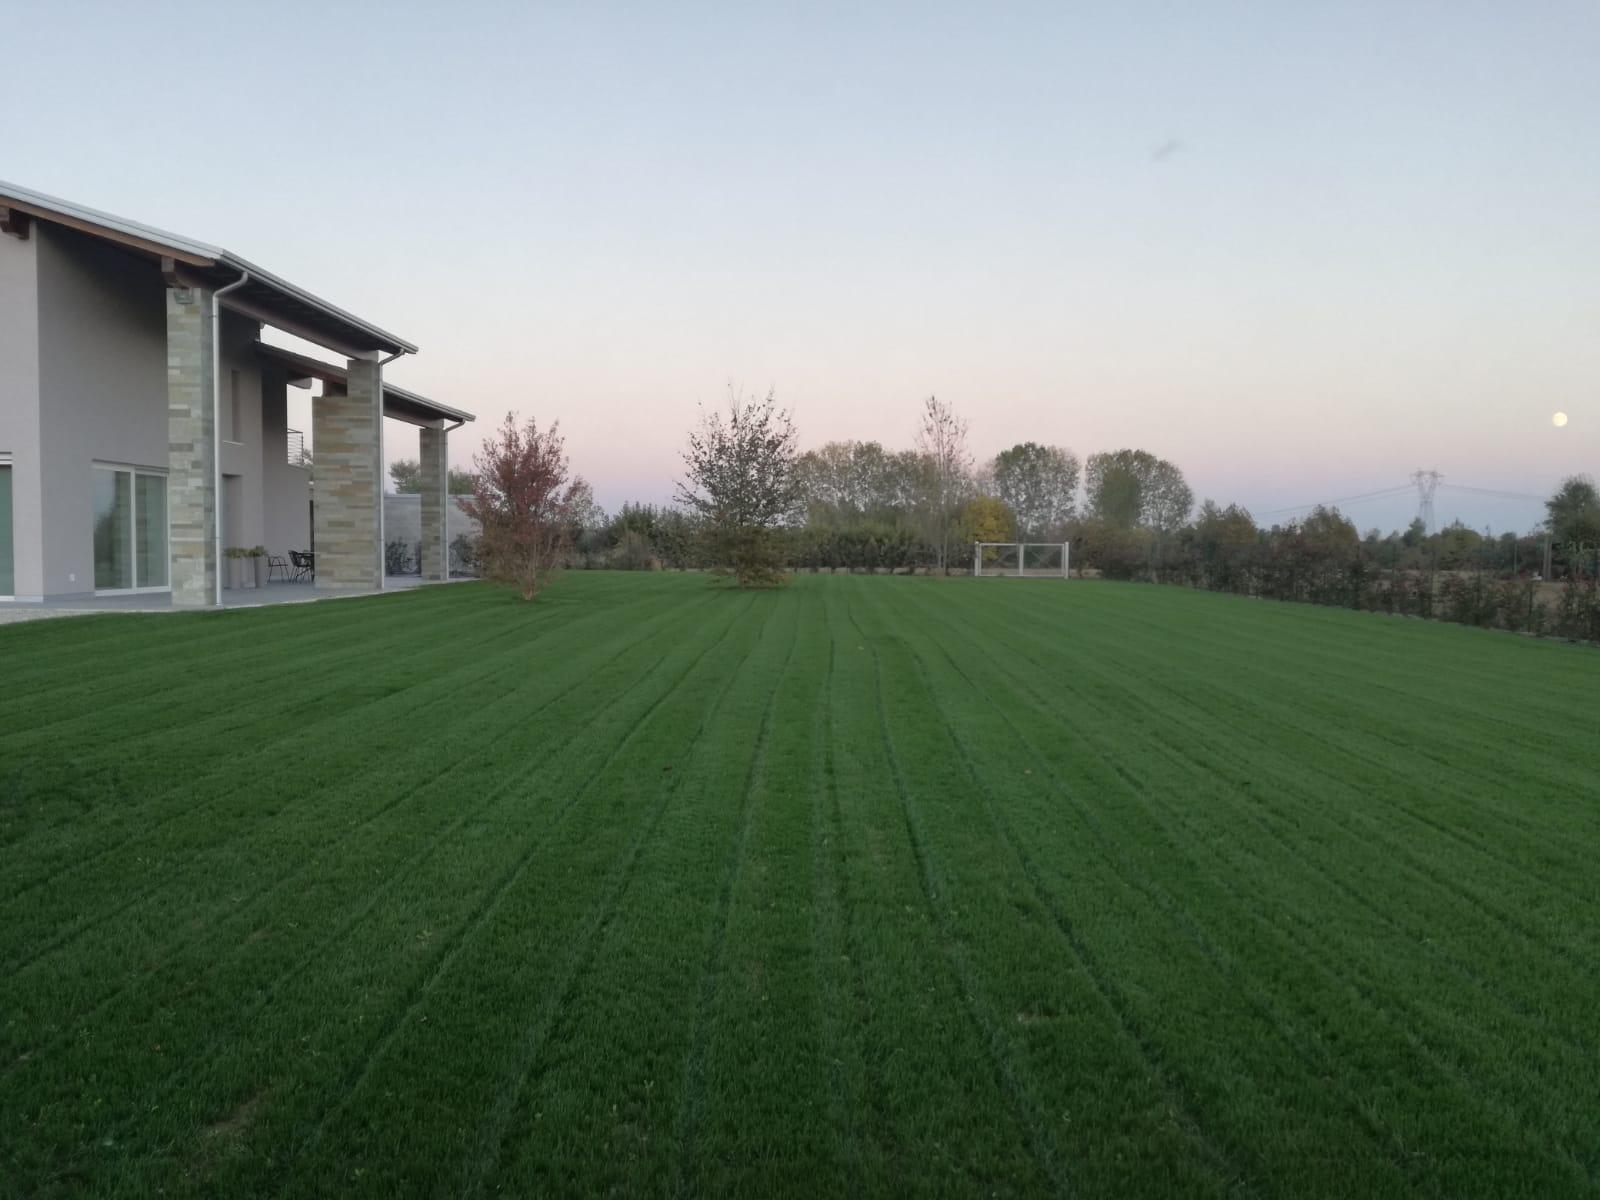 progettazione realizzazione giardini villaverla - verde blu giardini 15